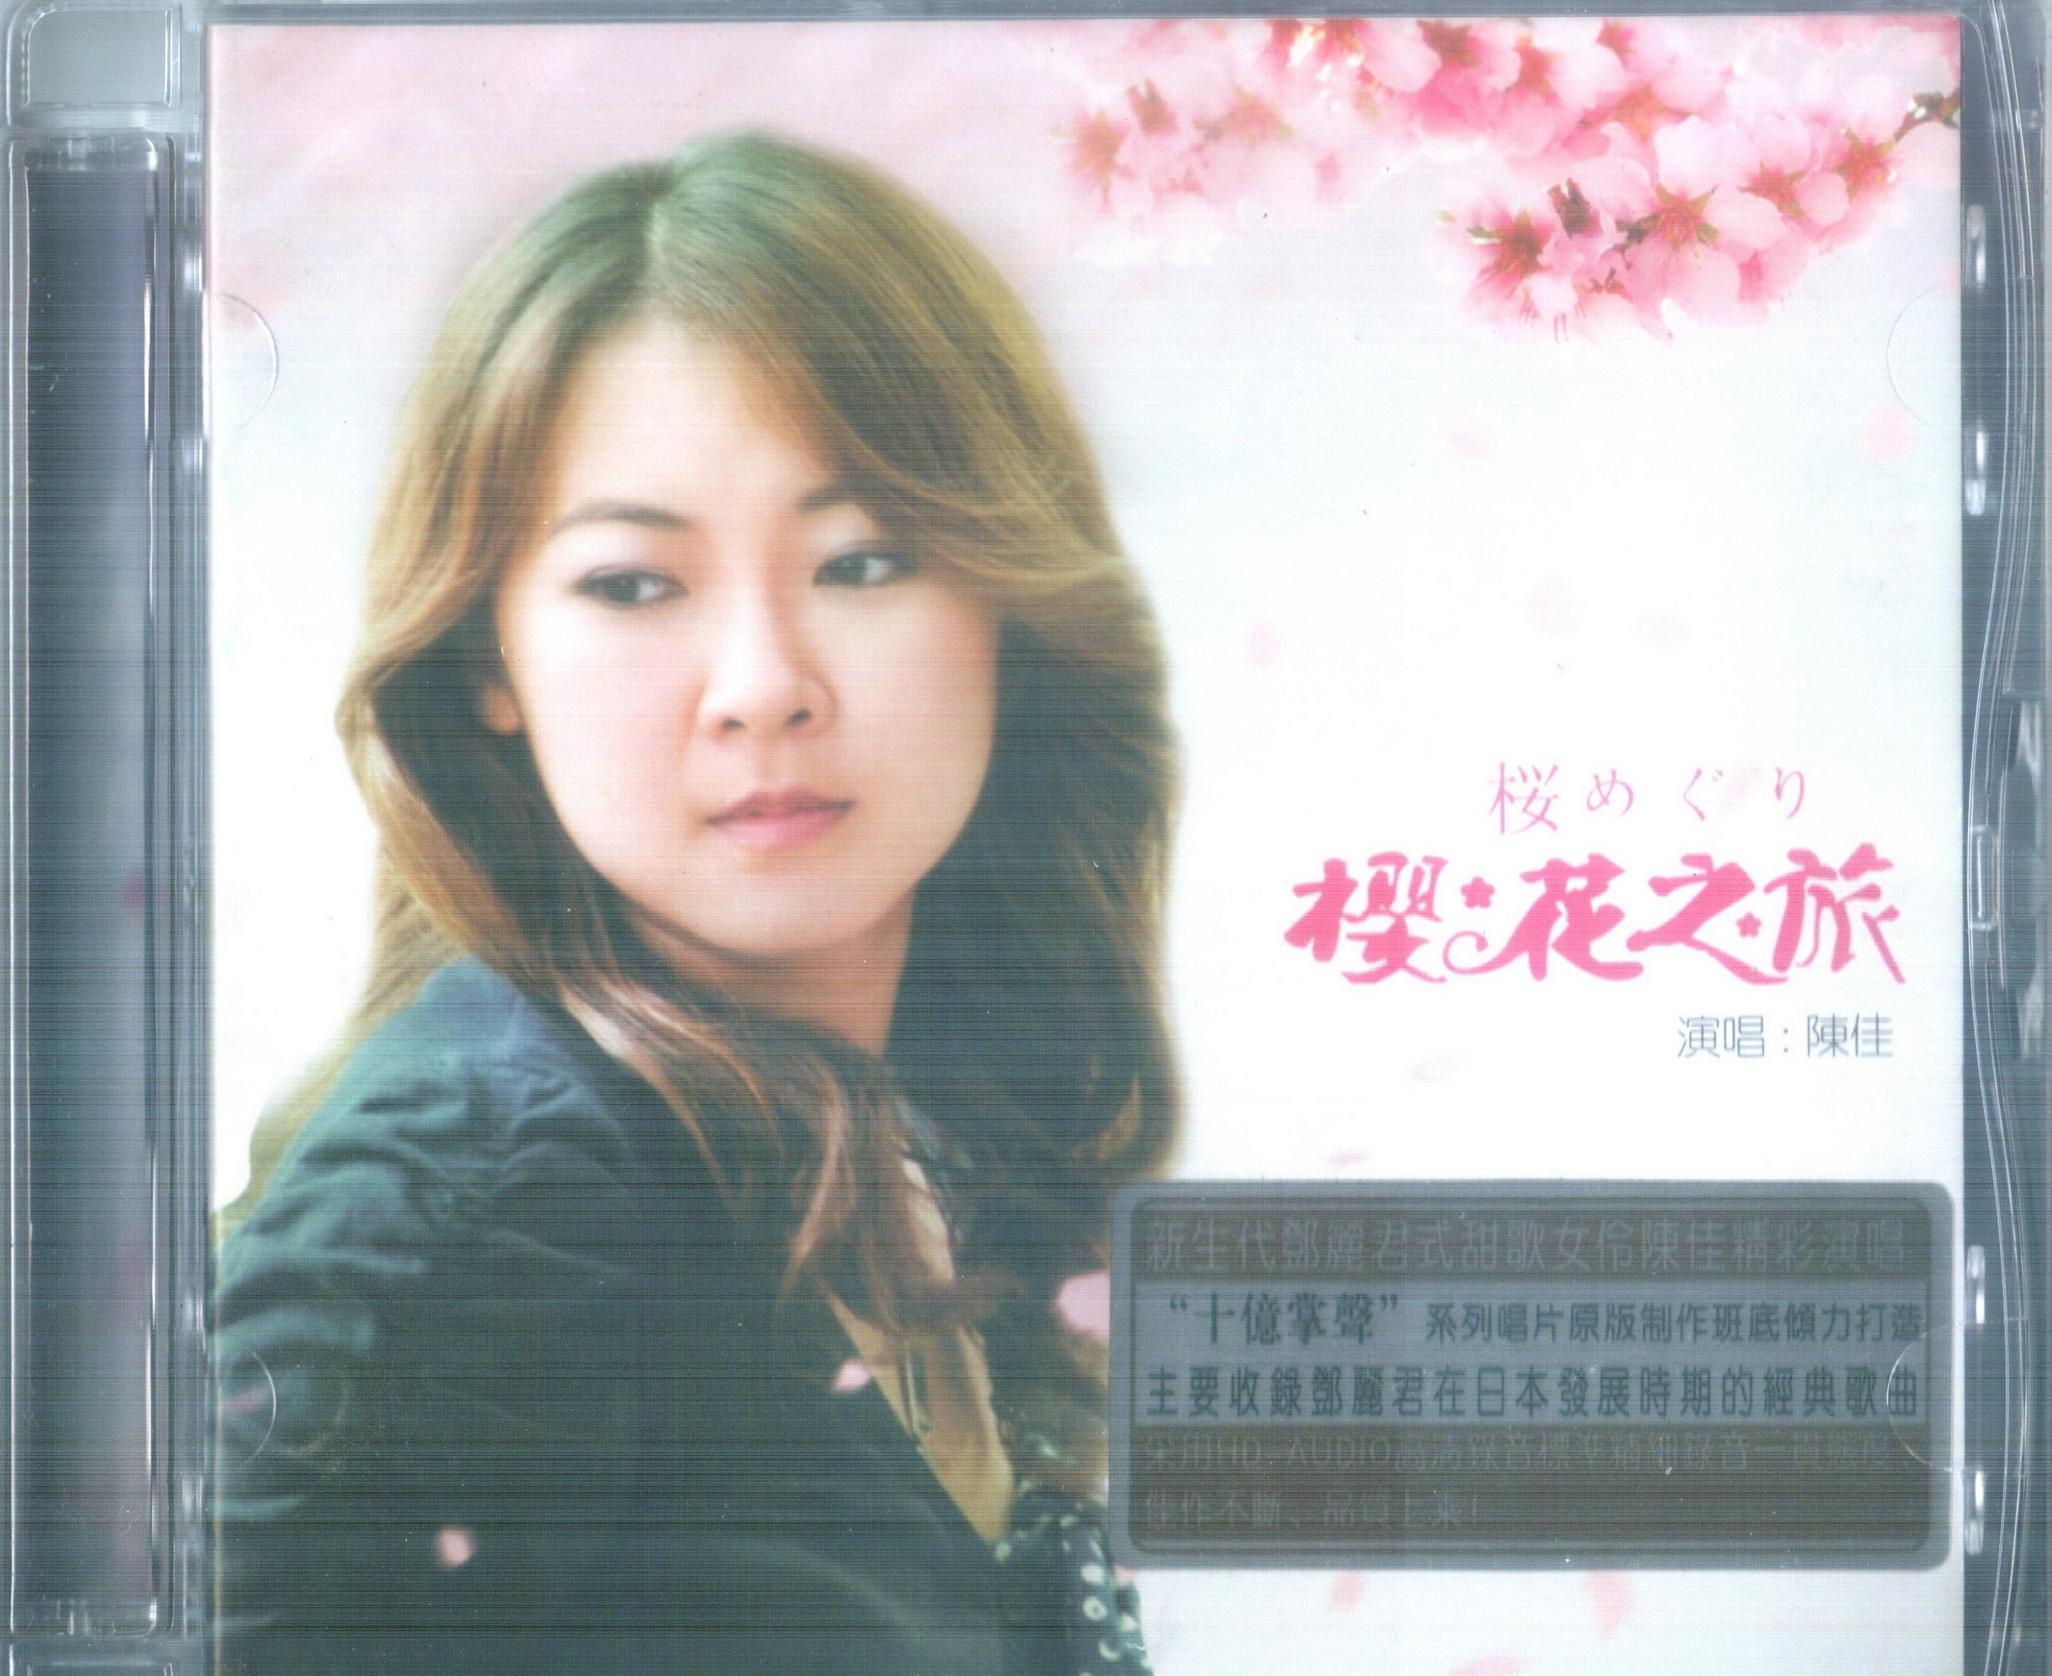 陈佳-《樱花之旅》2012首版[整轨WAV/MP3-320K]